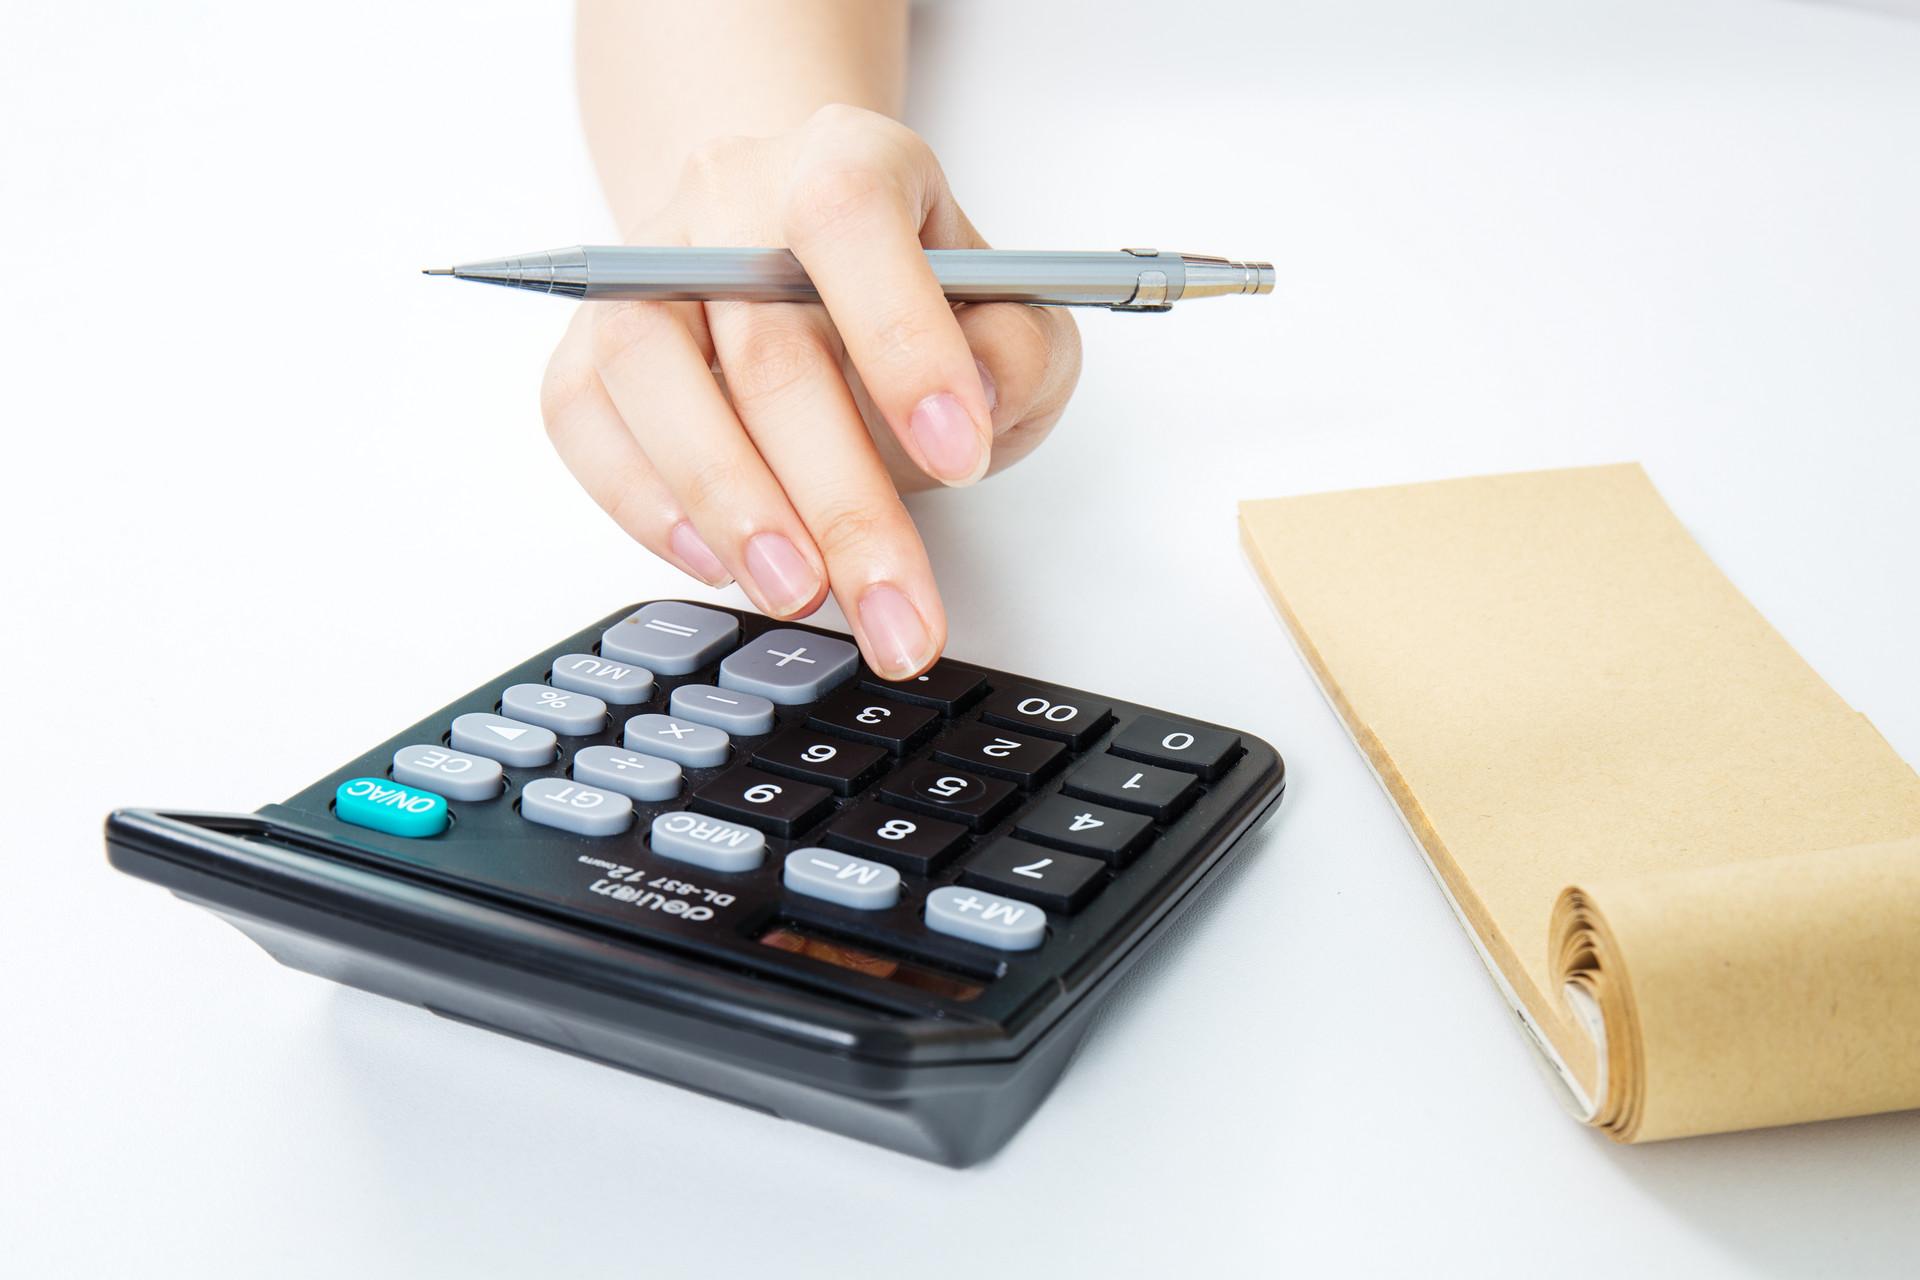 企业节约成本如何群发工资条?